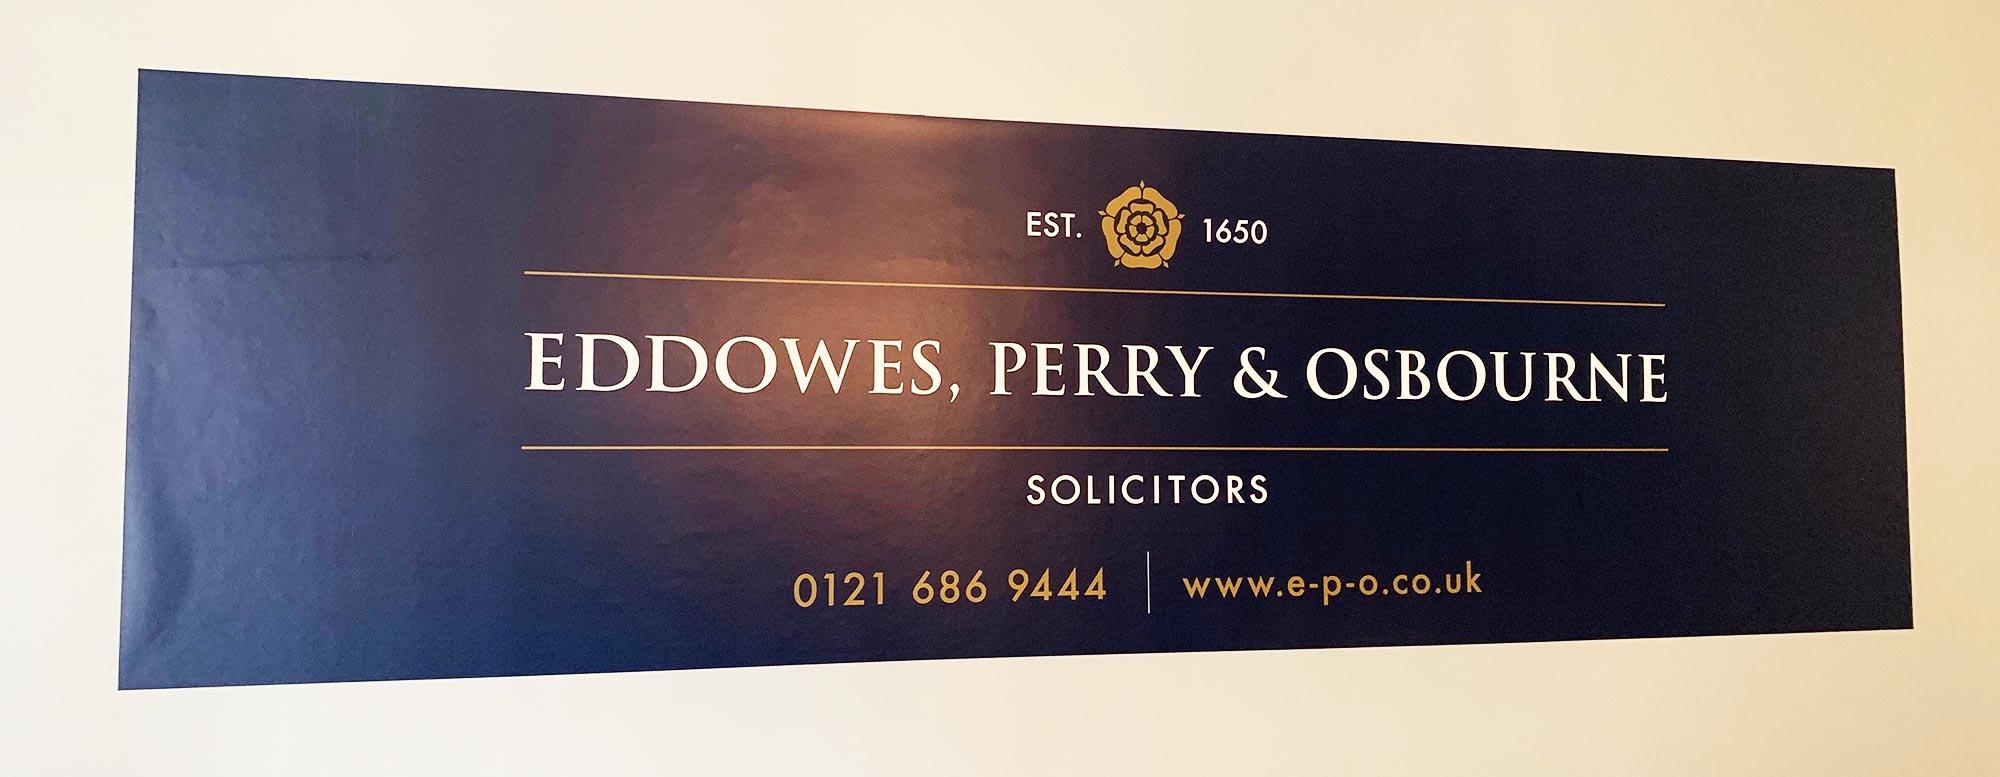 Eddowes, Perry & Osbourne 2